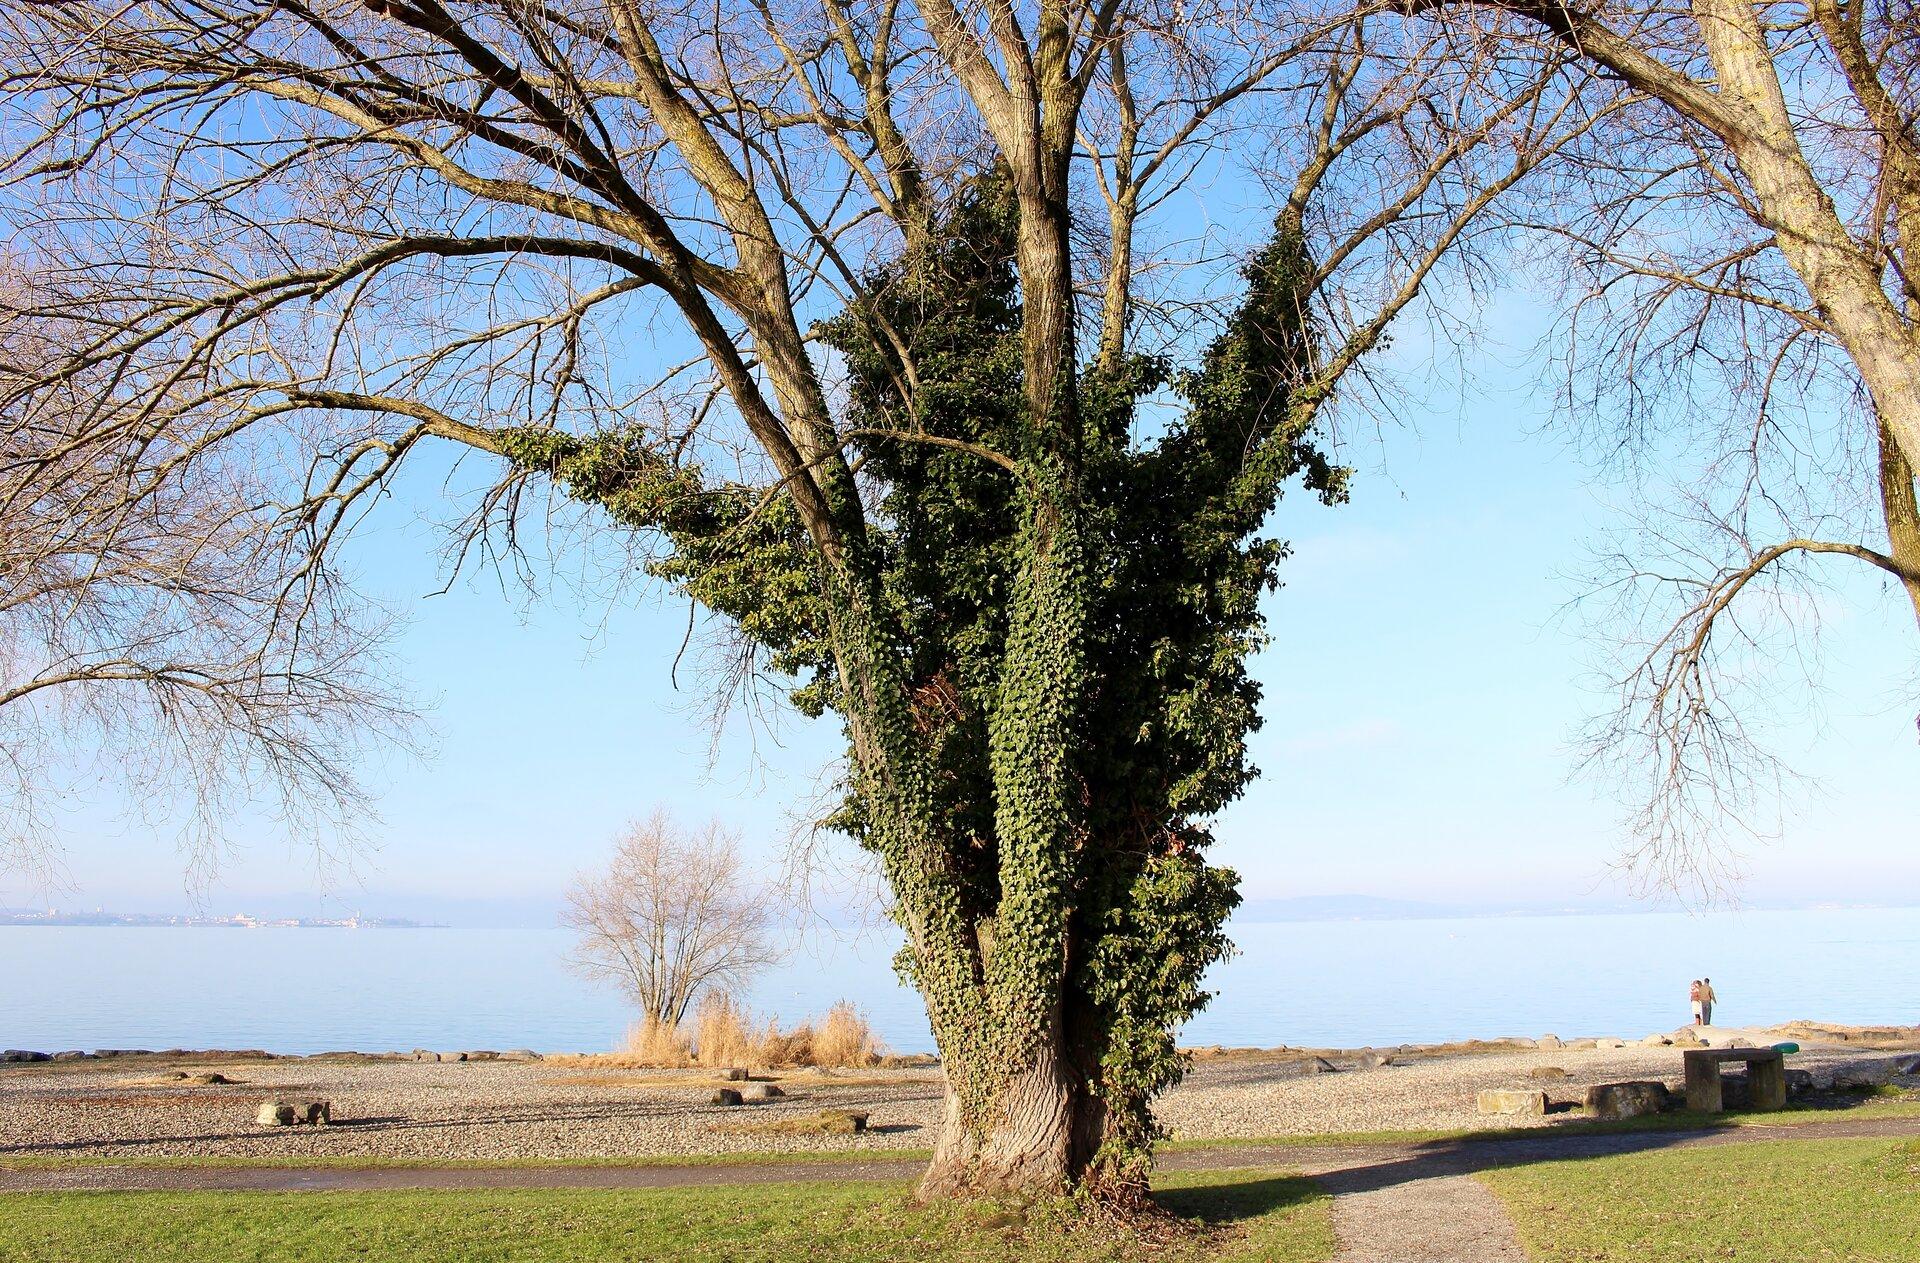 Fotografia przedstawia rozłożyste drzewo pozbawione liści. Jest obrośnięte zielonym bluszczem.